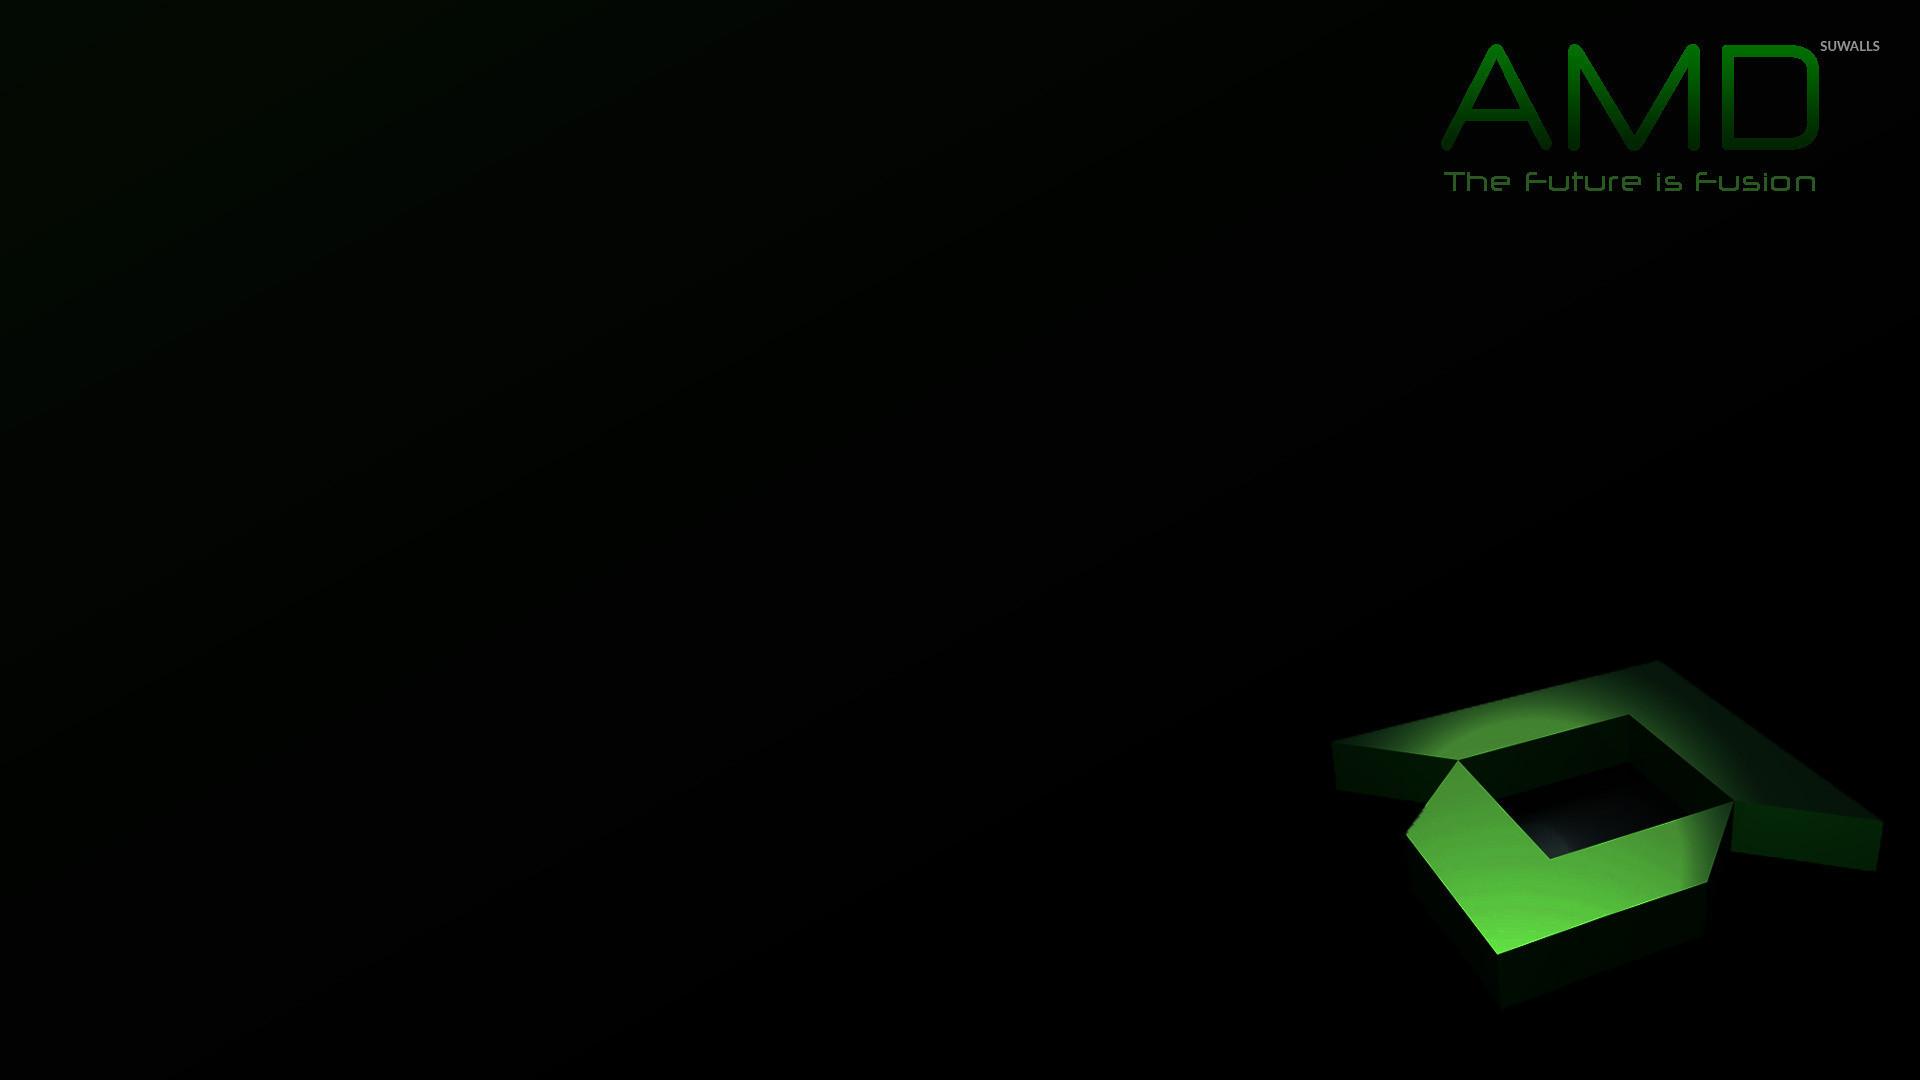 AMD [2] wallpaper jpg